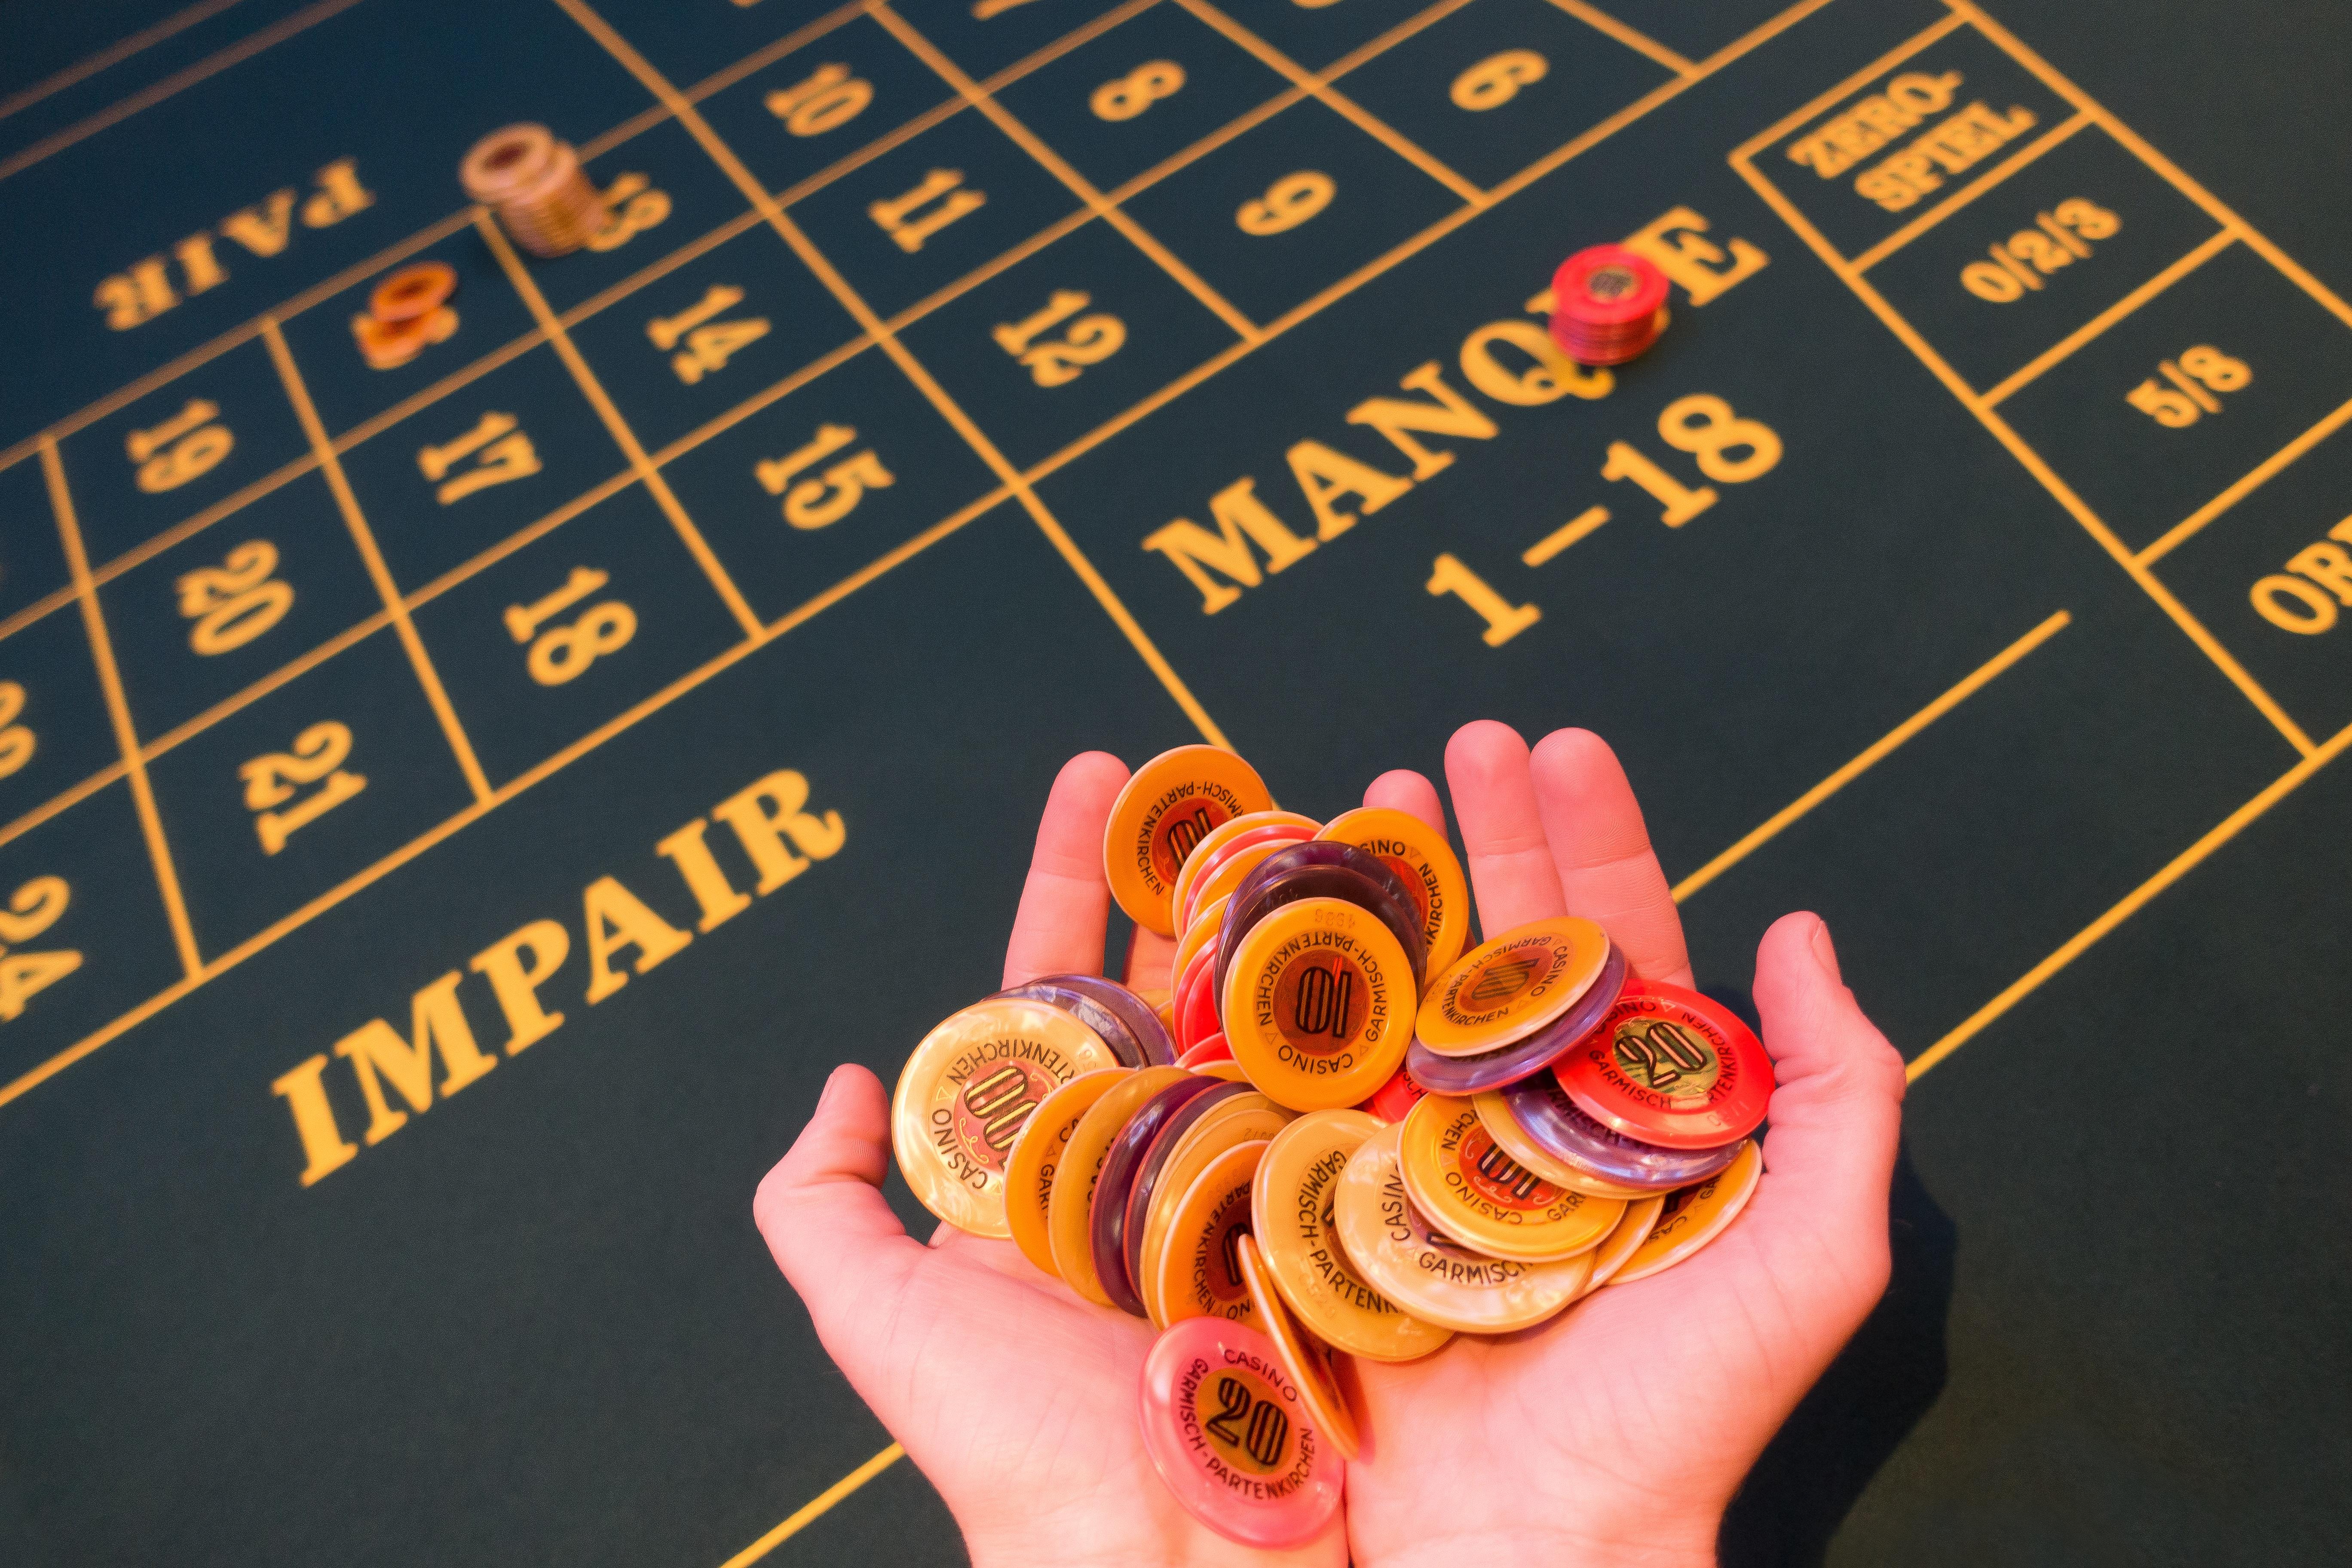 mano jugar flor nmero amarillo art utilizar fondo diseo cuadro casino juego suerte lleno lucro fondo